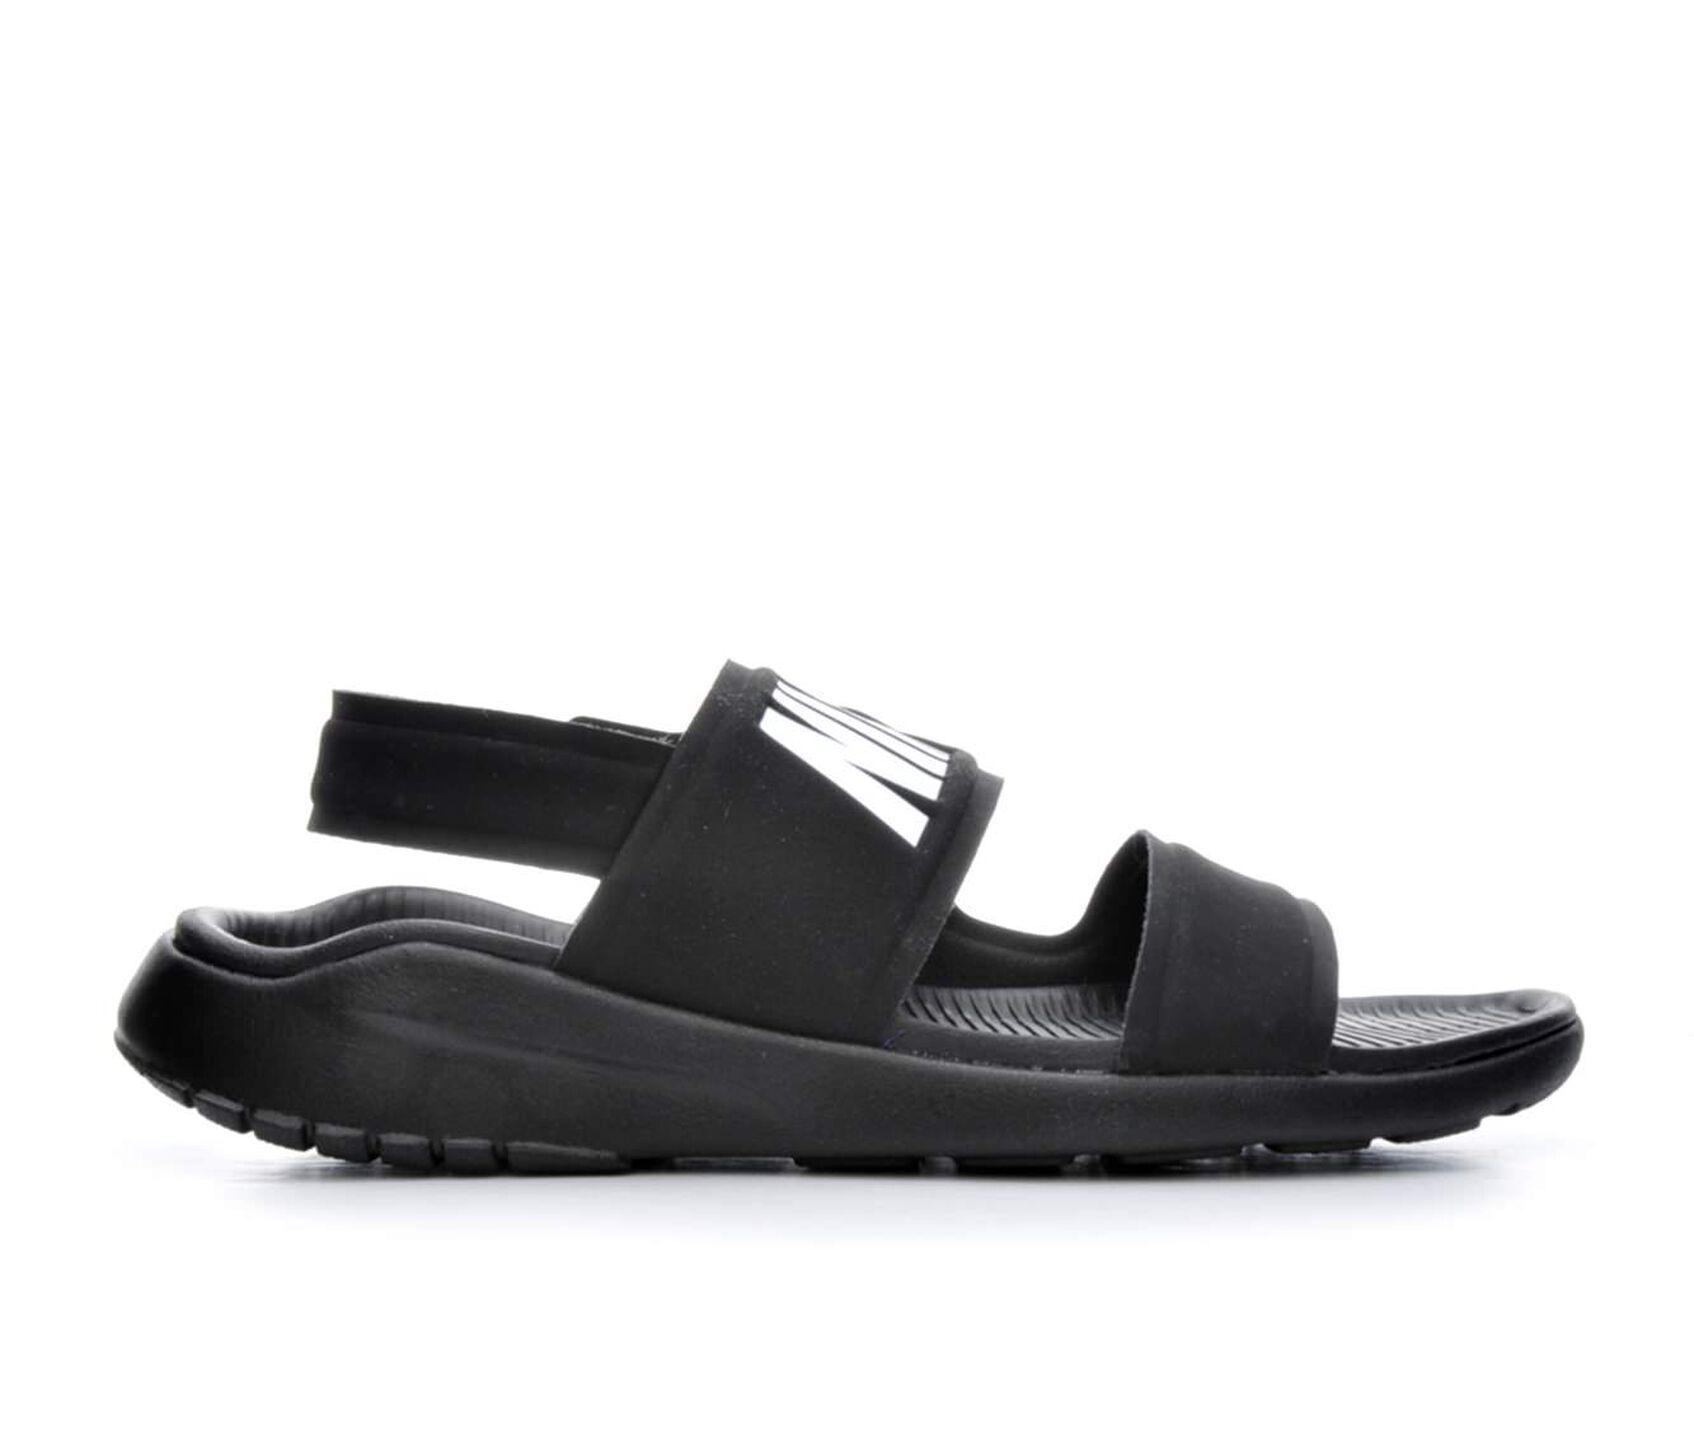 55c2640fd ... Nike Tanjun Sandal Sport Sandals. Previous